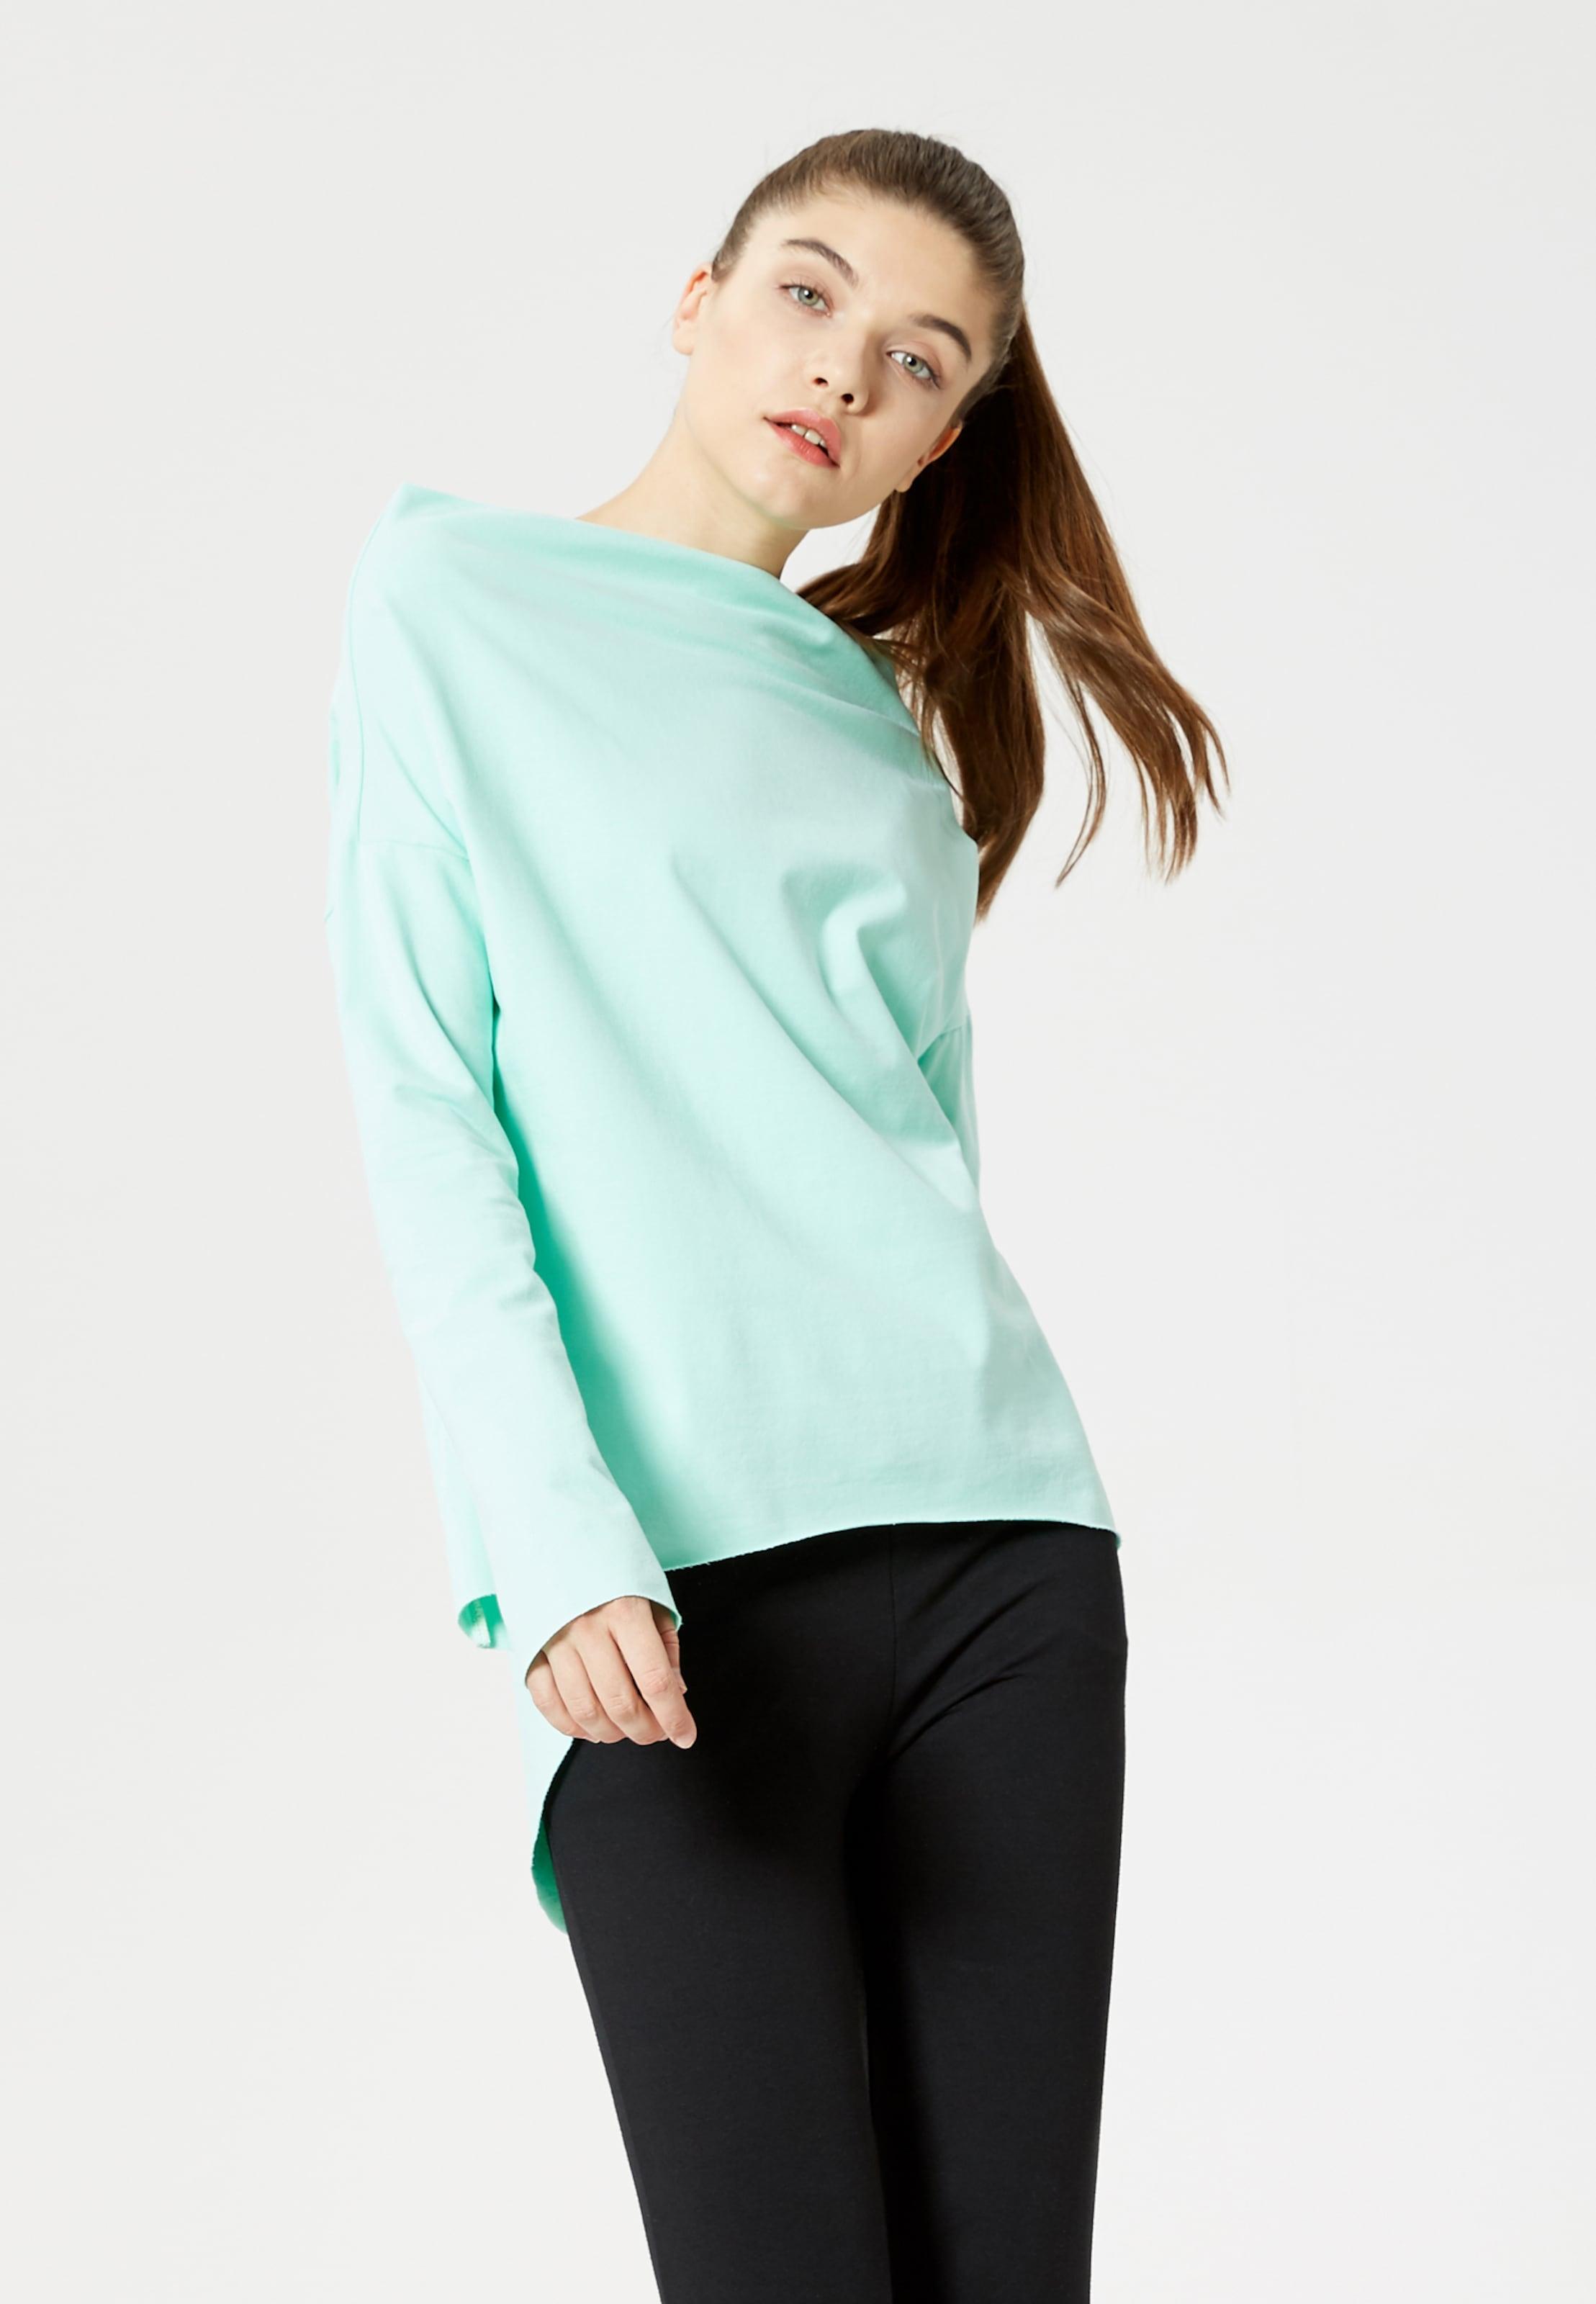 Talence Talence Jade Talence Jade In Shirt Shirt In uTkZPiOX